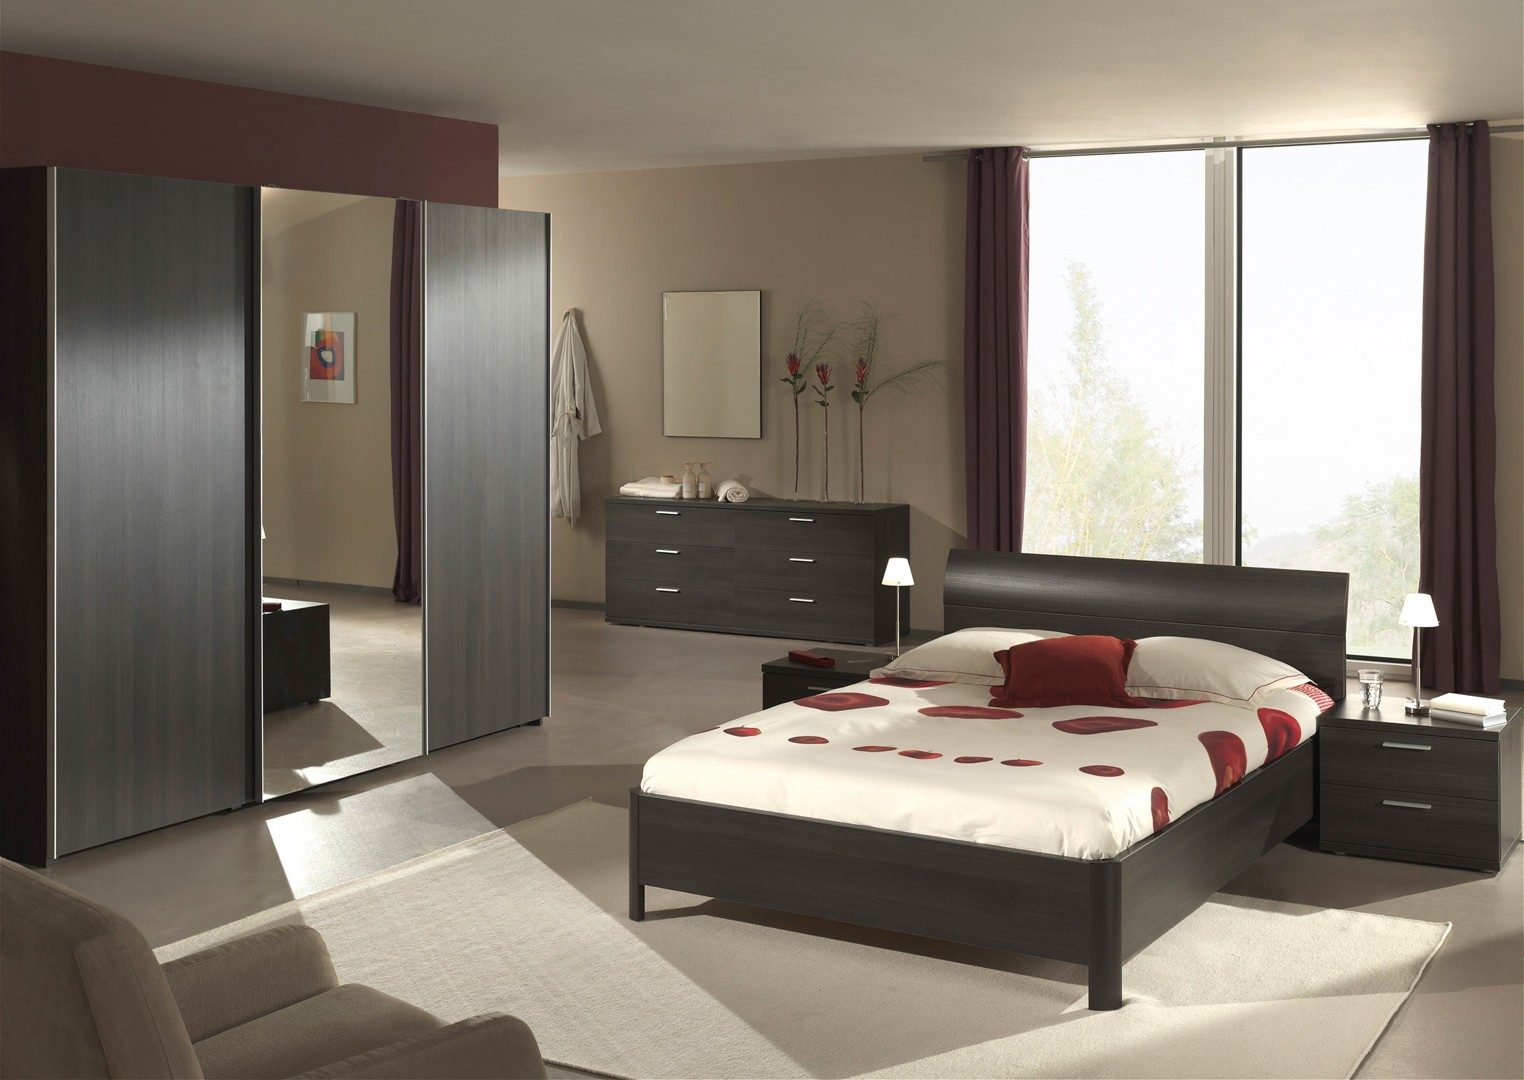 Déco Chambre À Coucher Adulte décoration chambre à coucher adulte 2014 - chambre : idées